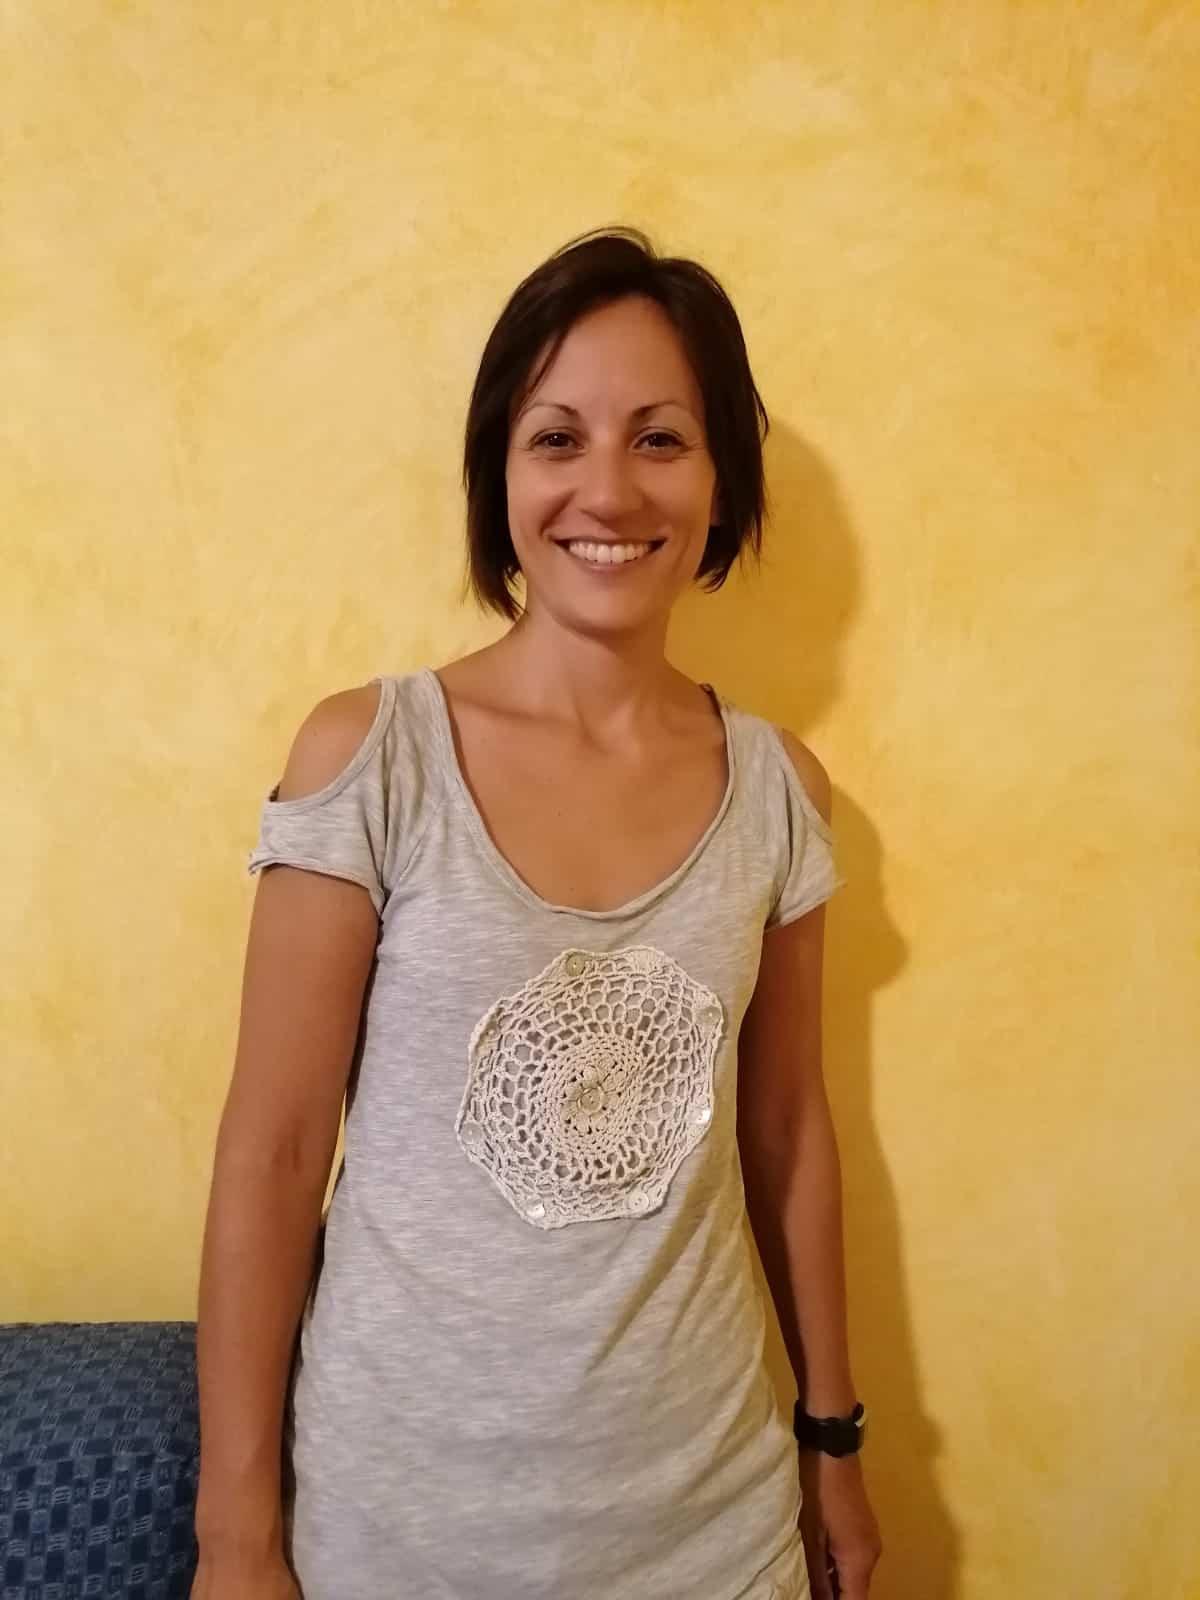 Rita Calderara